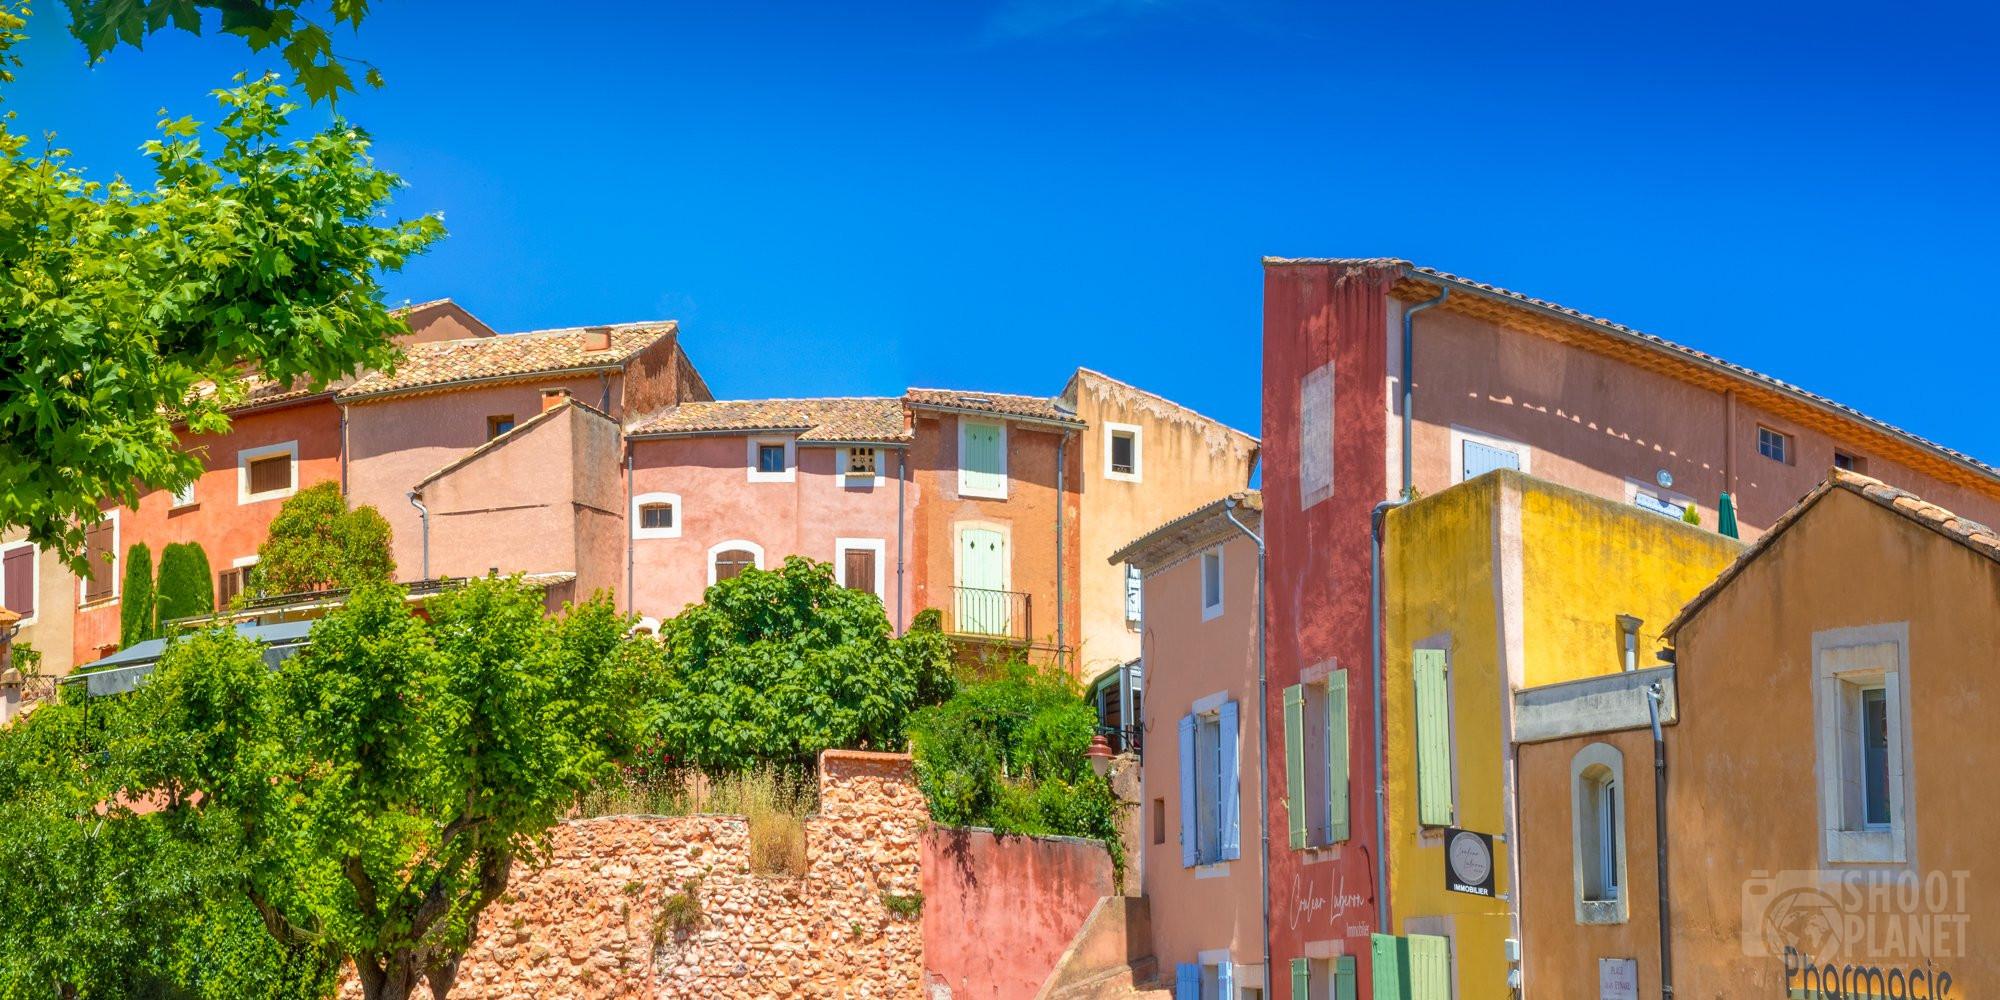 Roussillon Provençal village houses, Vaucluse, France